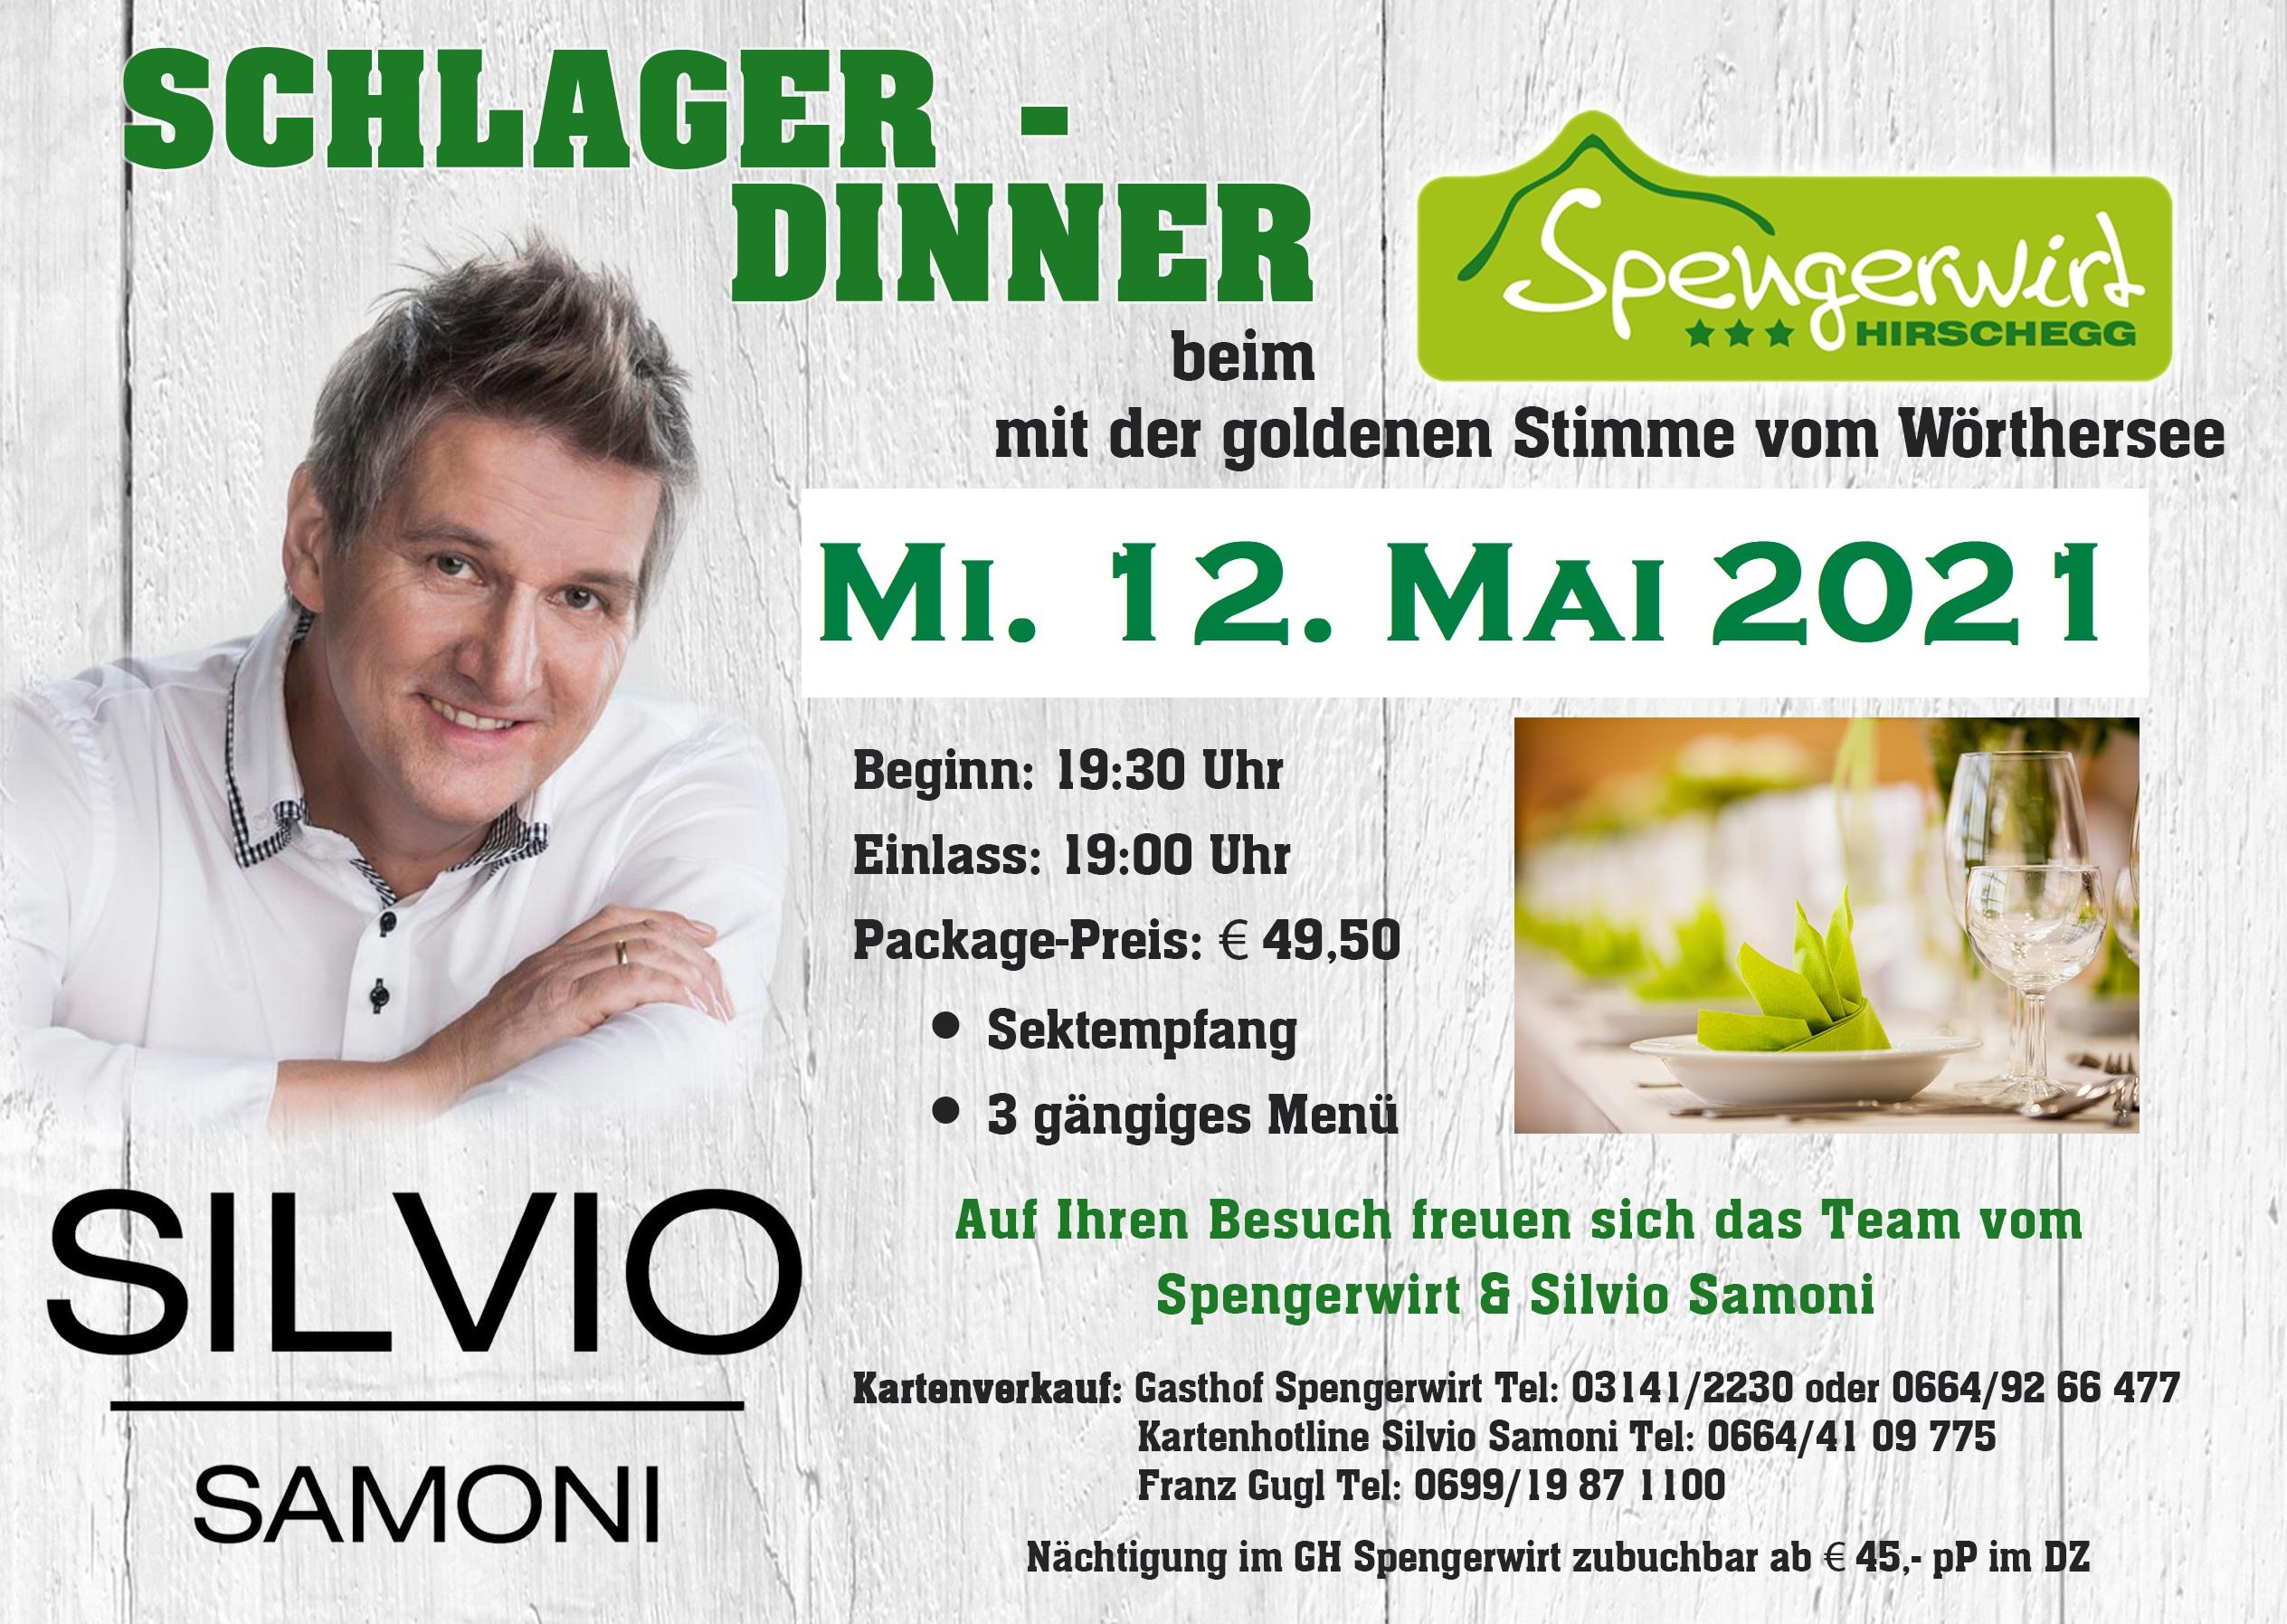 Schlager-Dinner beim Spengerwirt in Hirschegg